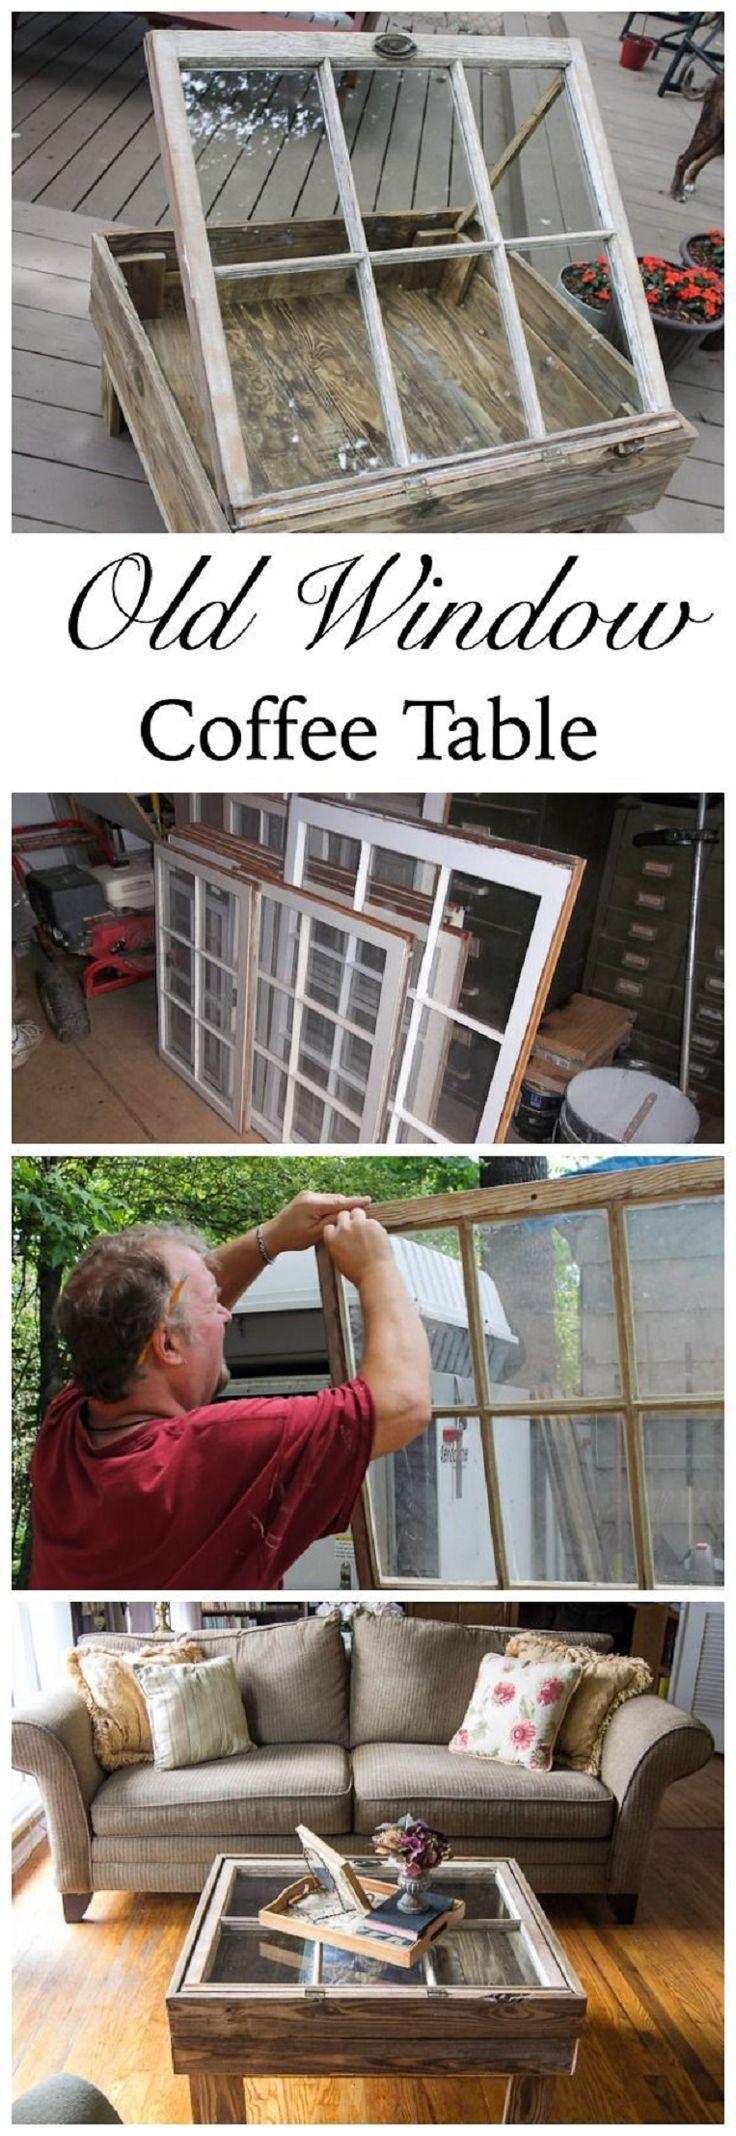 DIY-Window-Coffee-Table-Tutorial.jpg (763×2215)